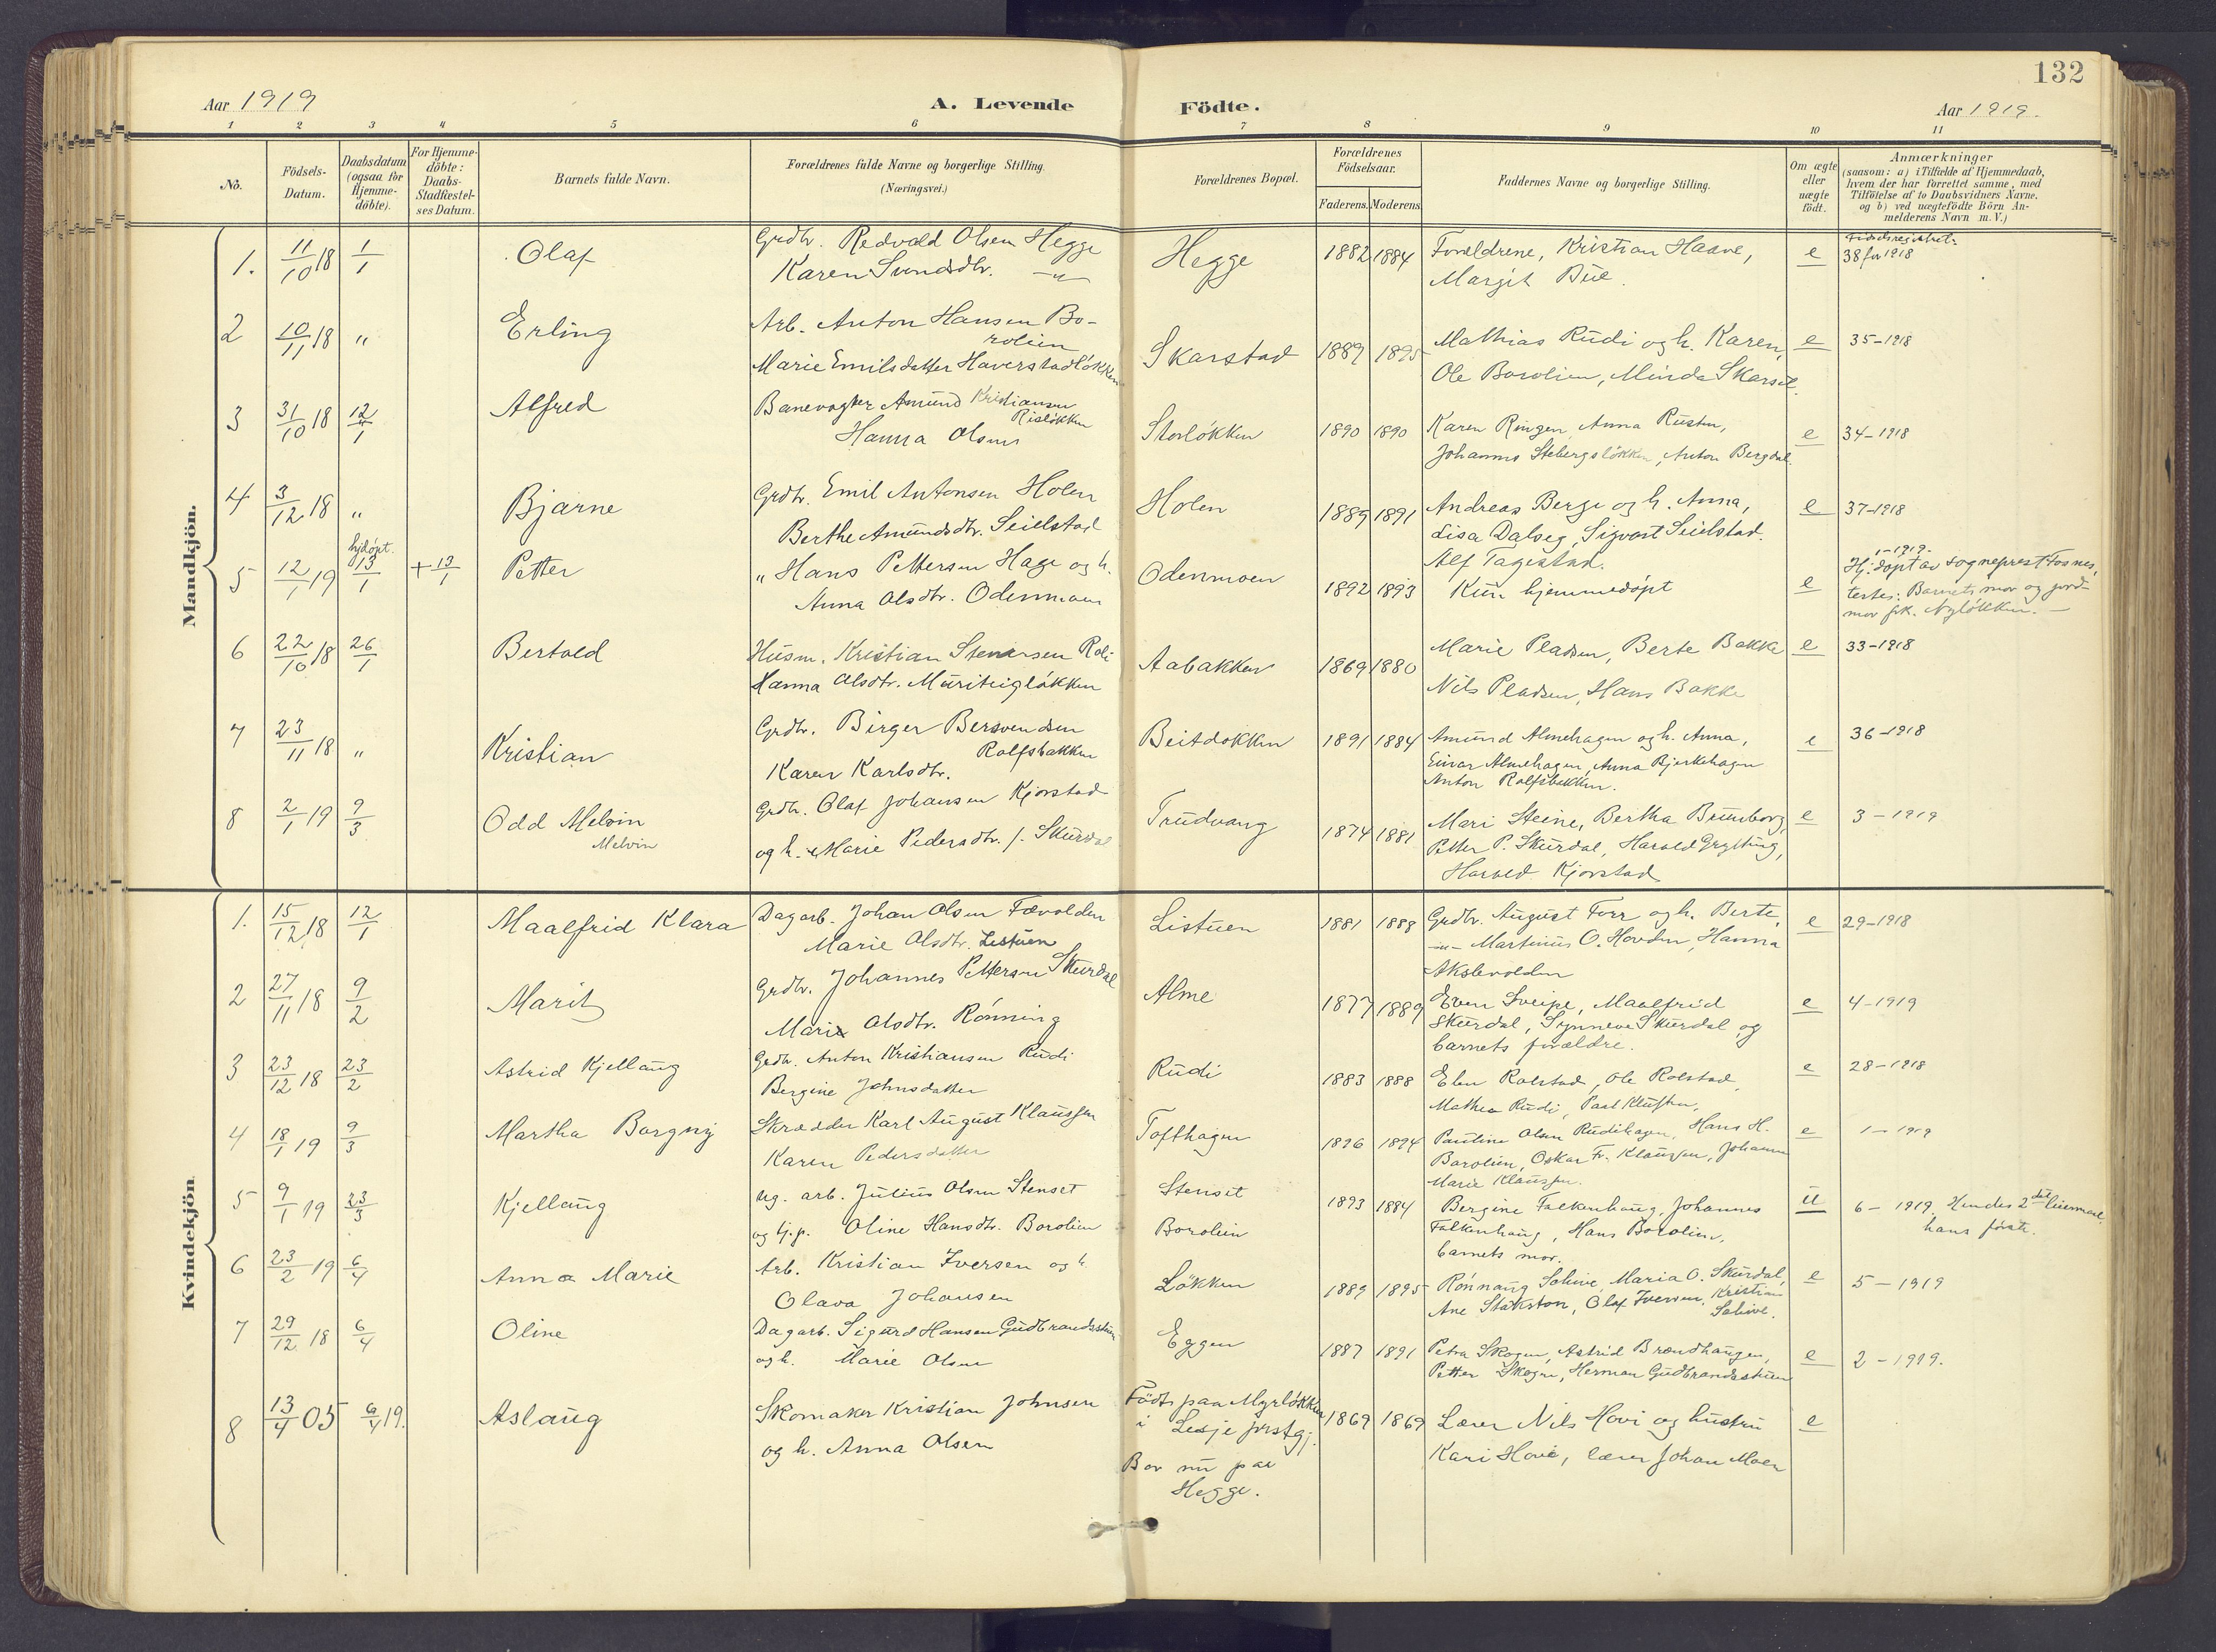 SAH, Sør-Fron prestekontor, H/Ha/Haa/L0004: Ministerialbok nr. 4, 1898-1919, s. 132